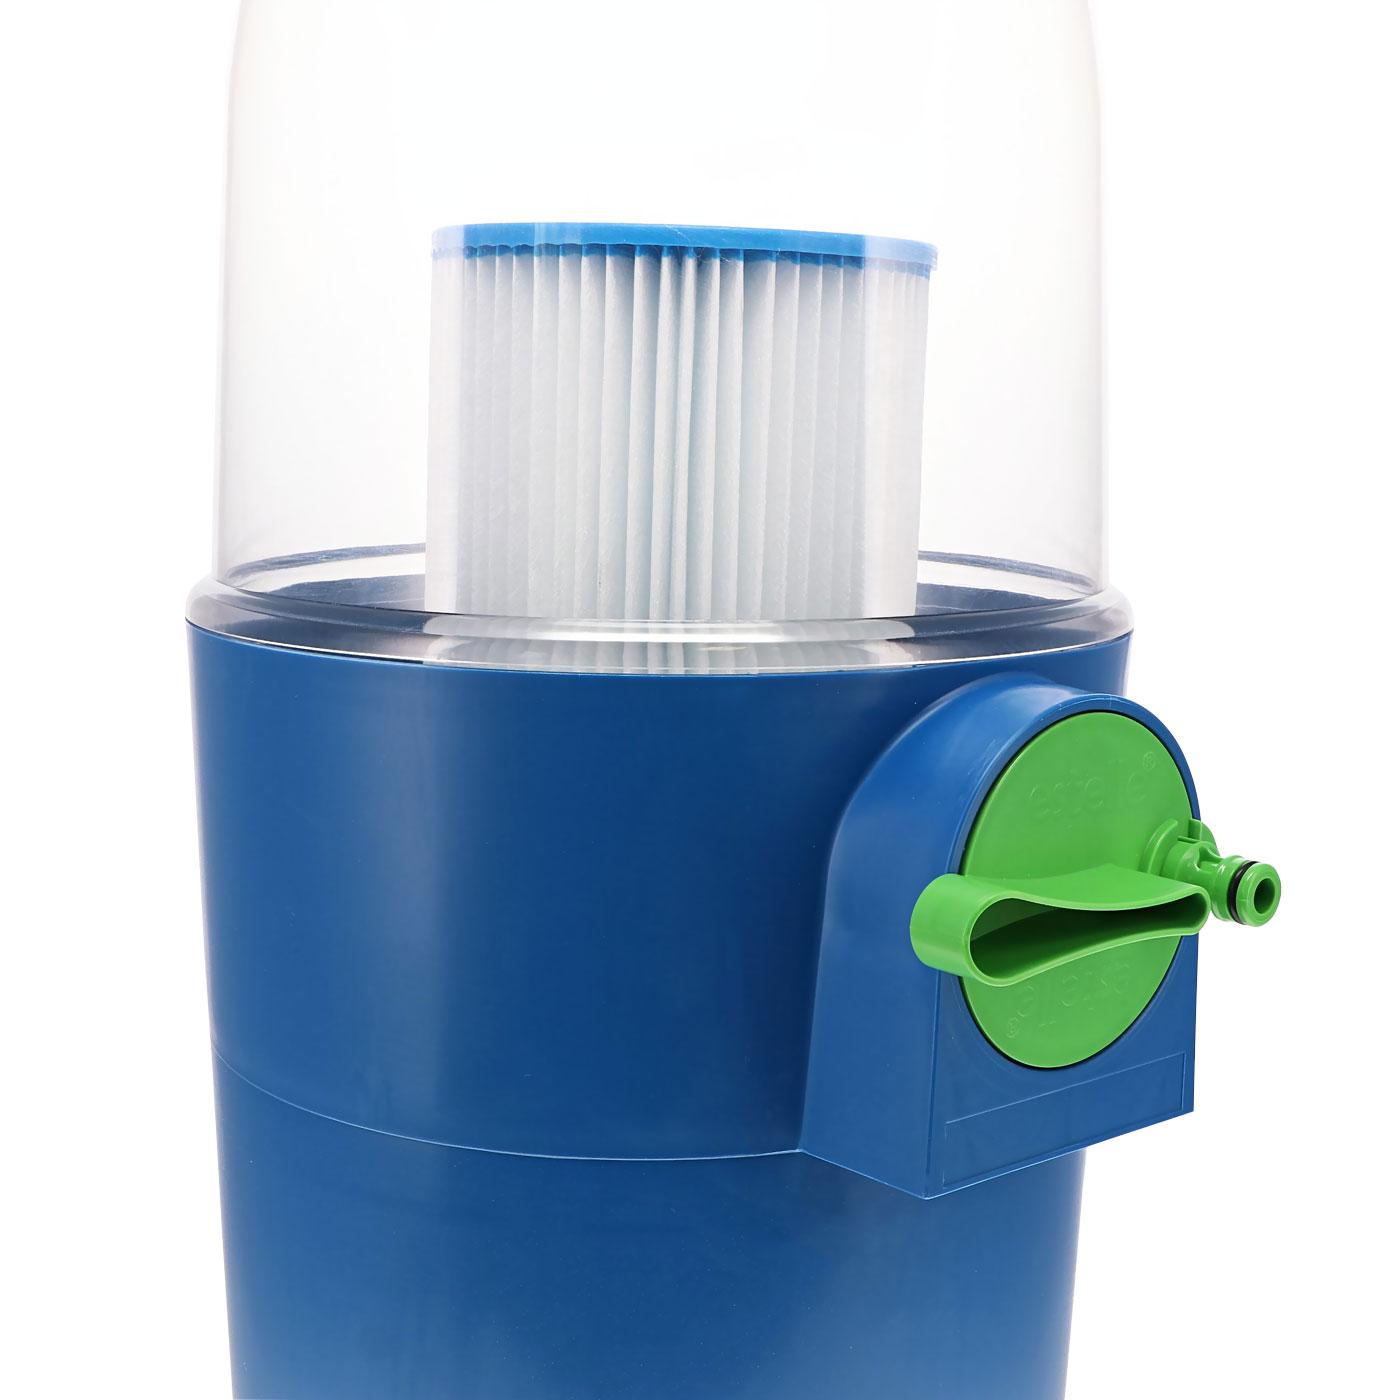 Système automatique de nettoyage pour filtre spa